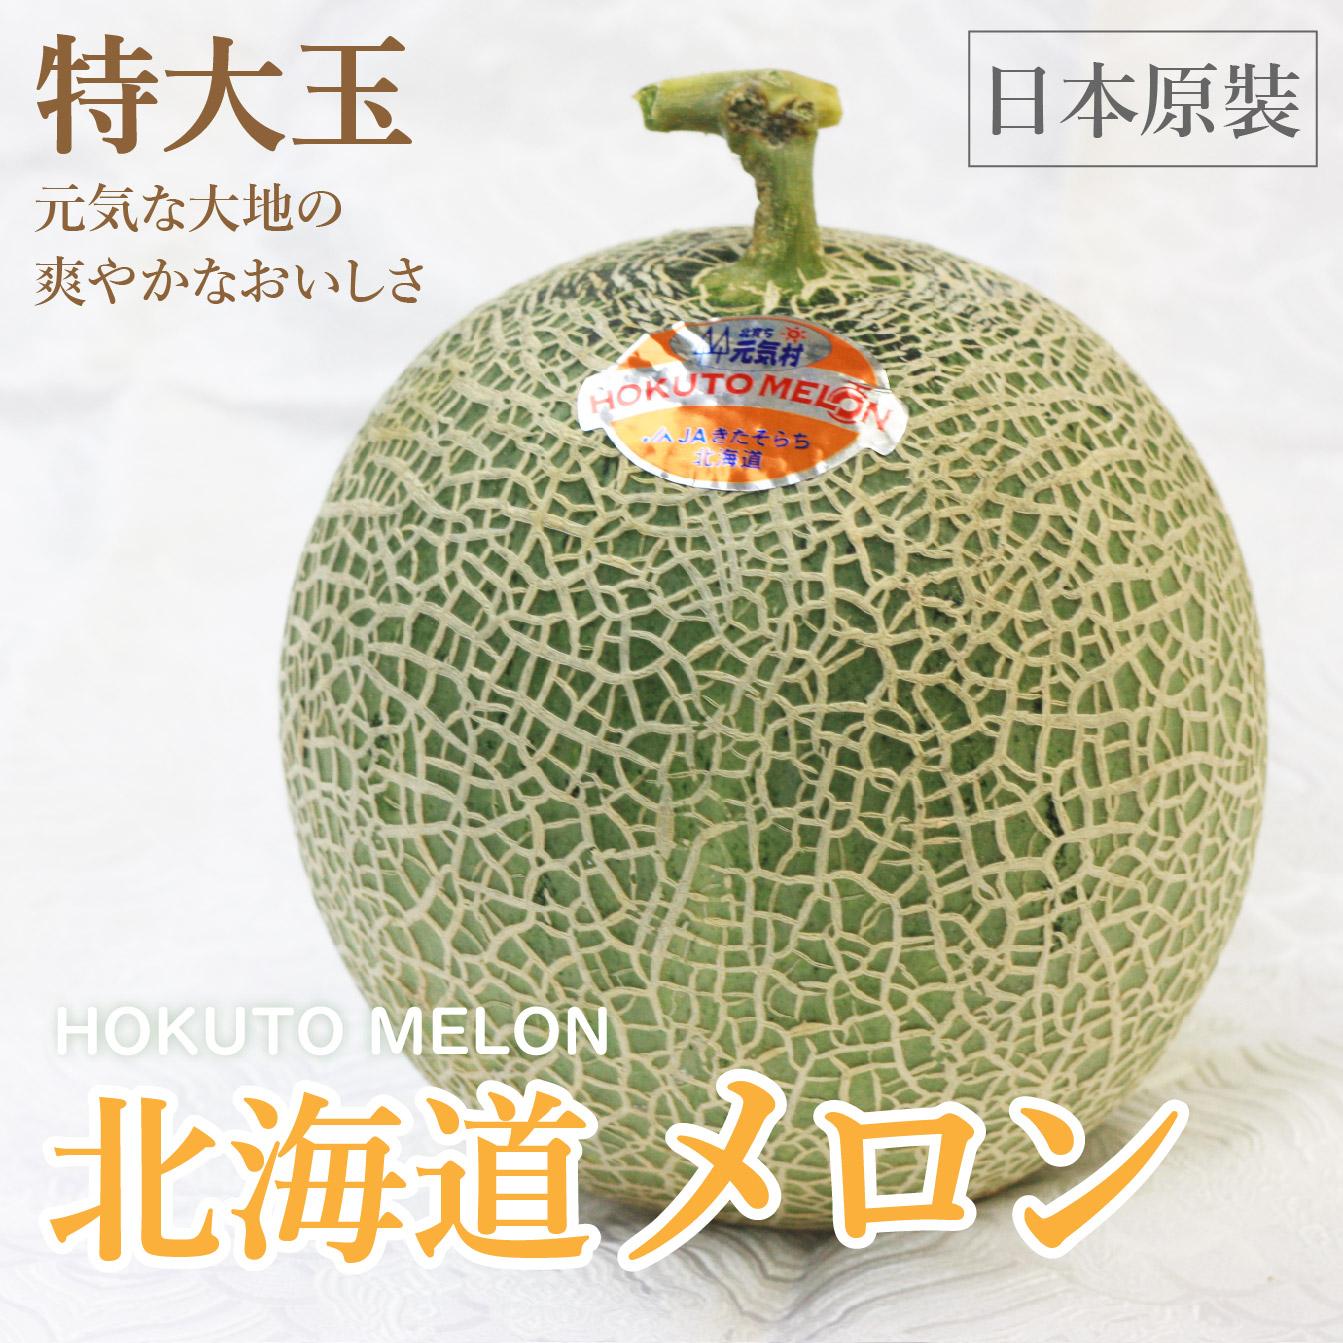 【日本原裝🍈頂級北海道赤肉哈密瓜】2玉禮盒裝